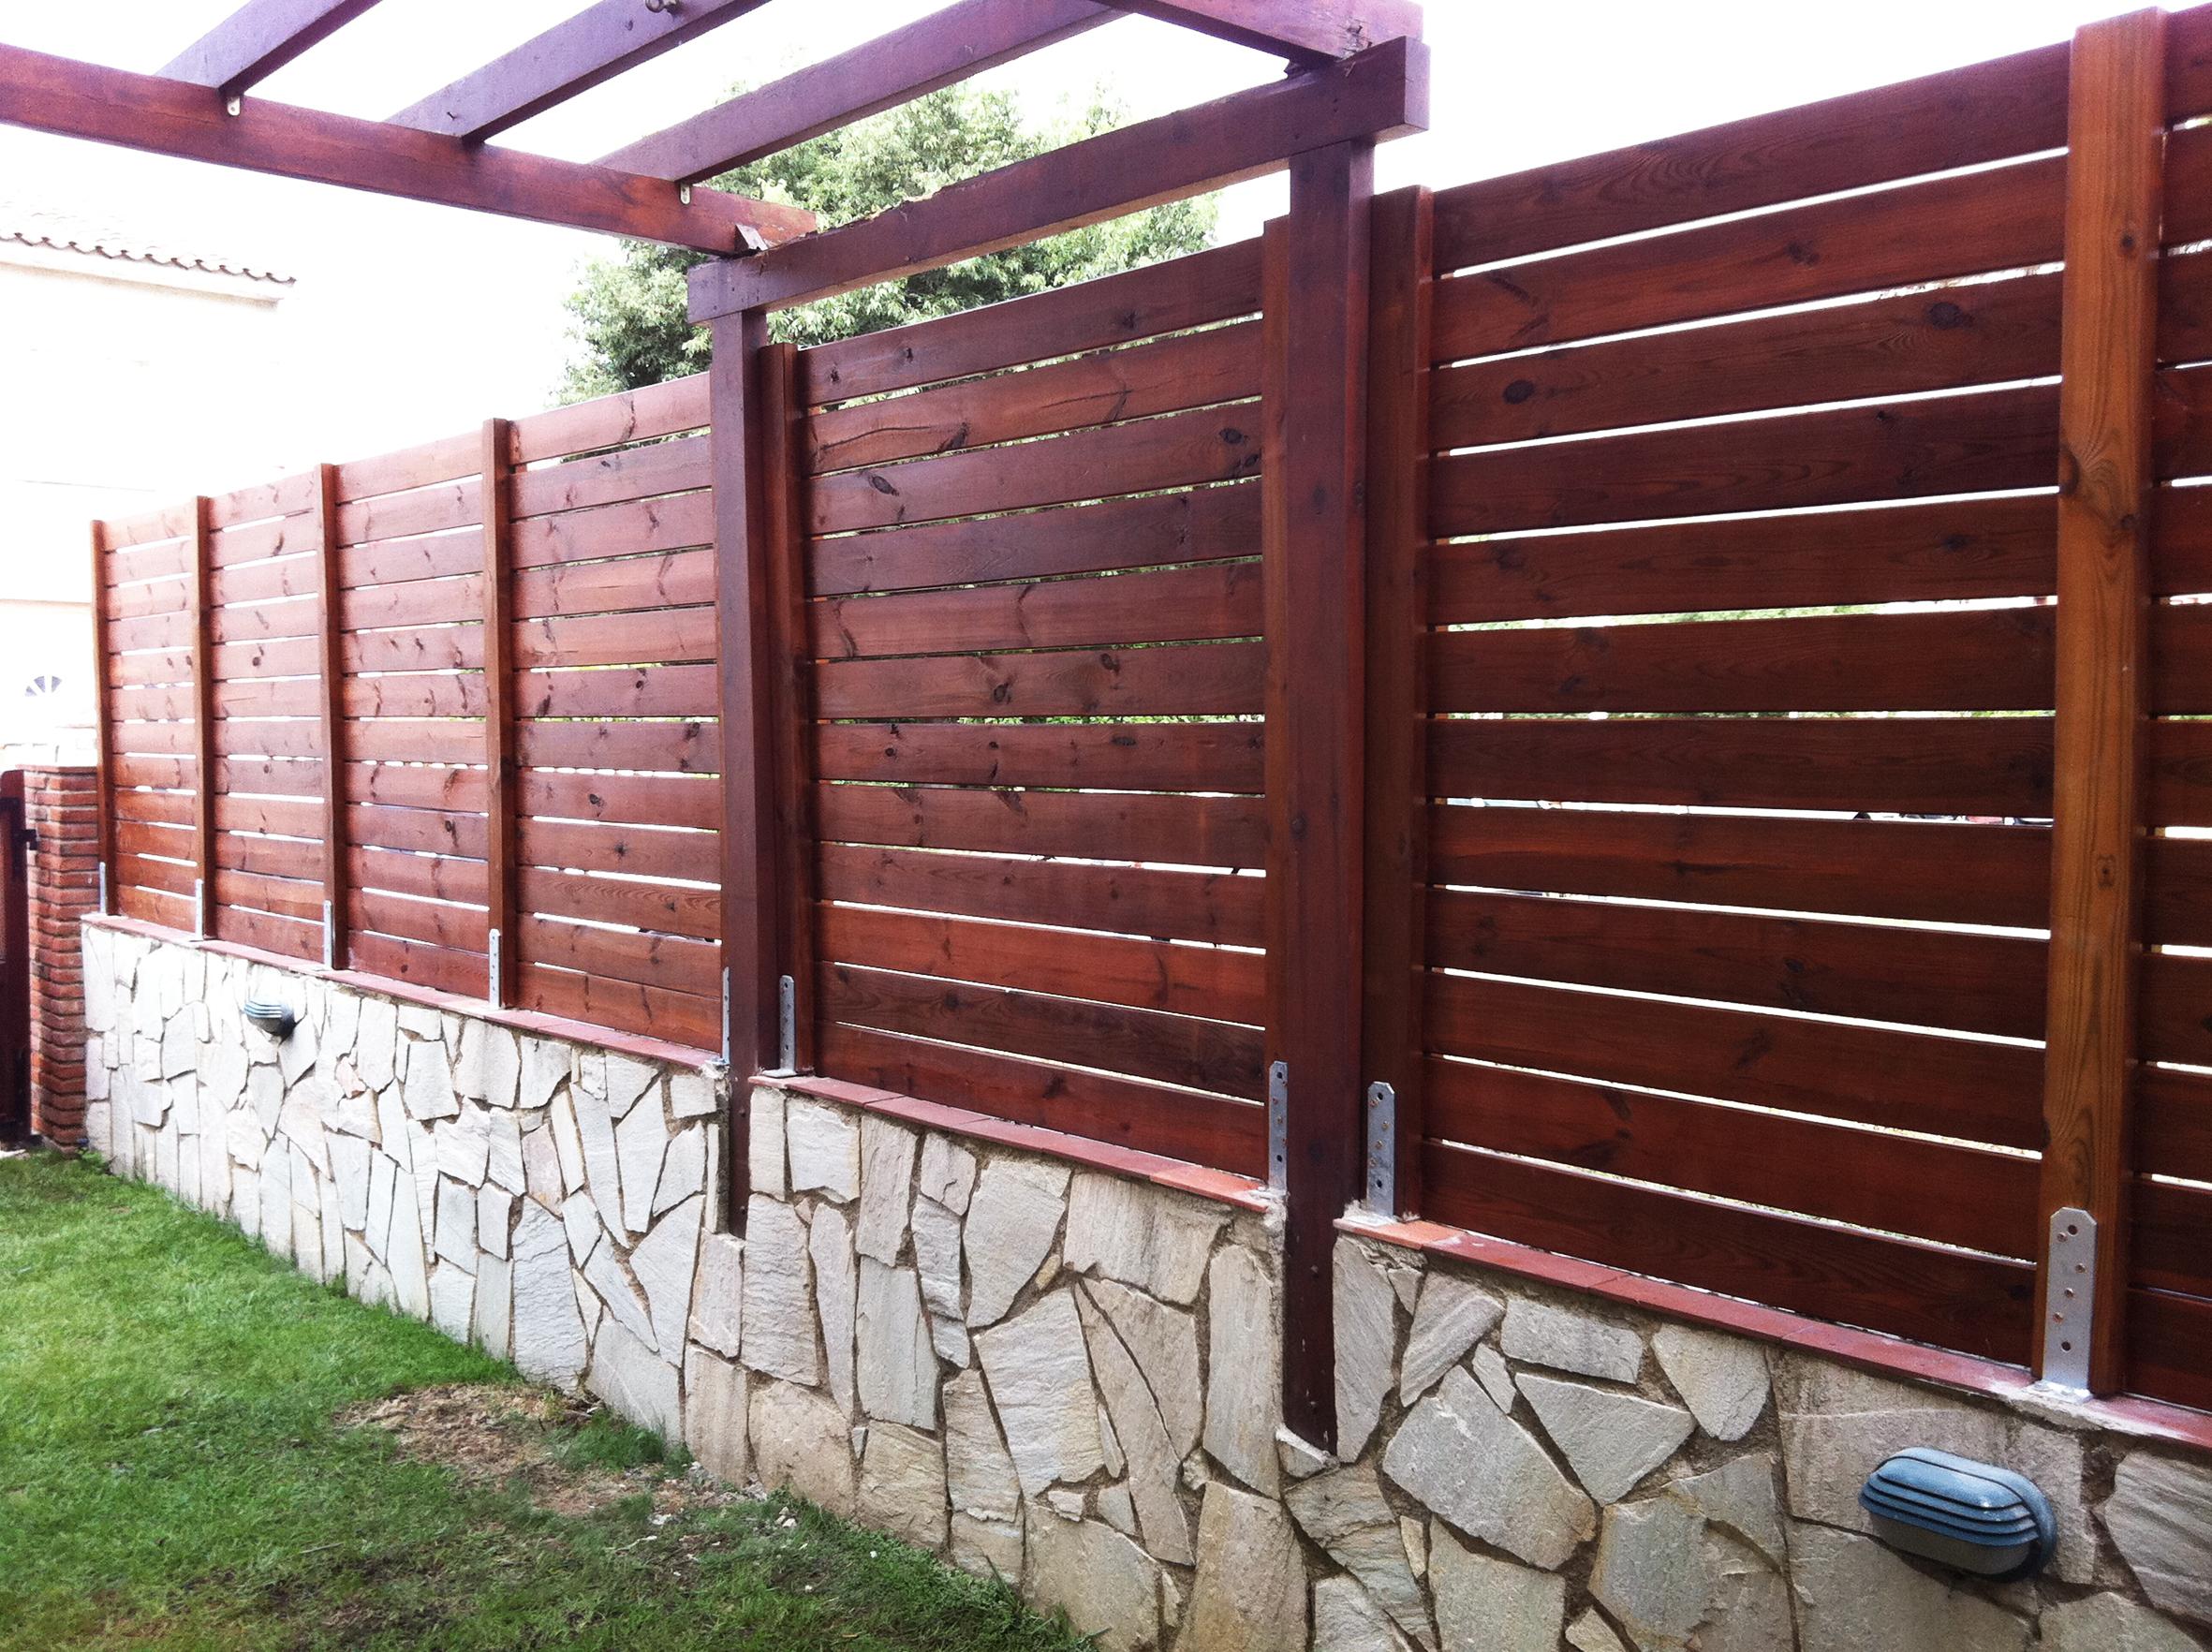 interexter-proyectos-reformas-decoracion-madera-valla.jpg